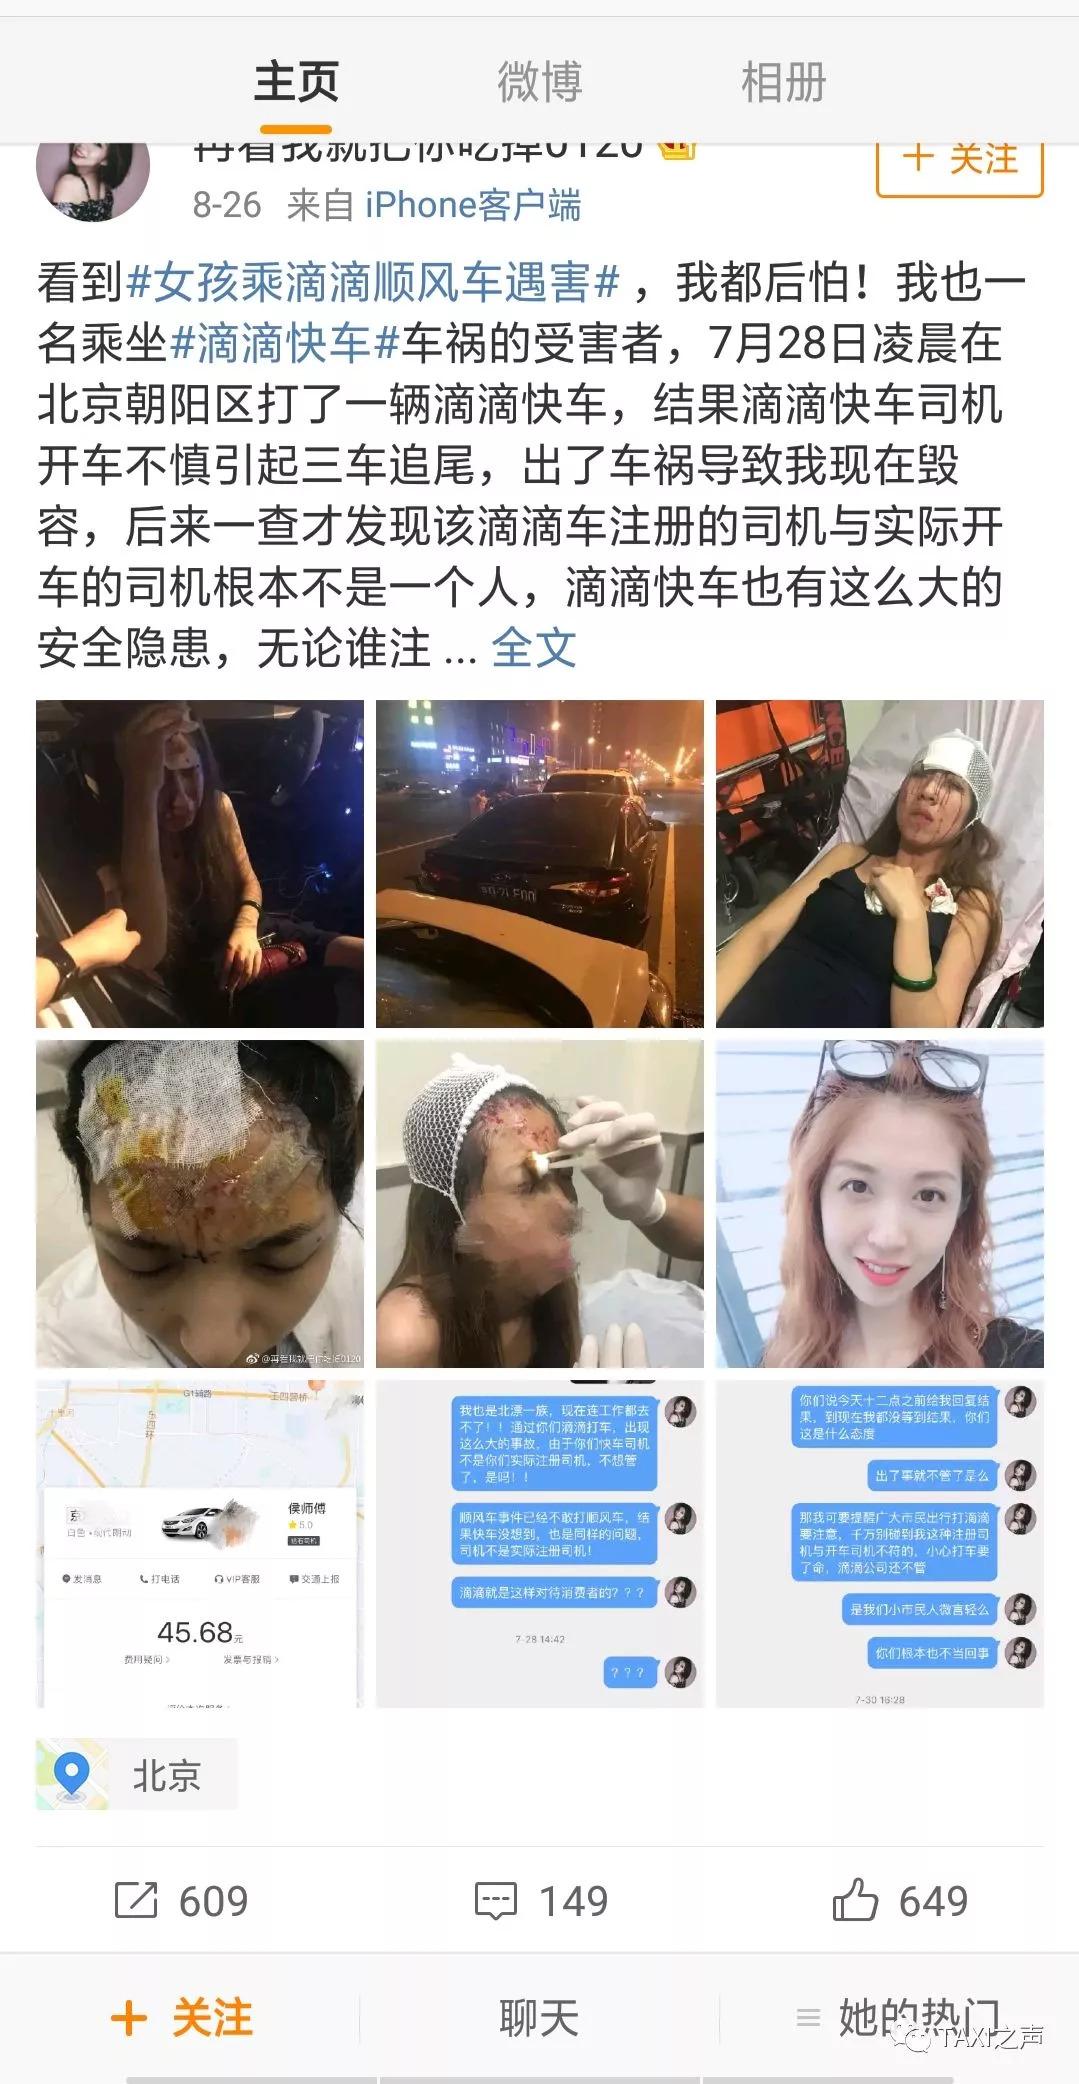 25岁女模特坐滴滴快车惨被毁容 开车的竟是64岁男司机的照片 - 6